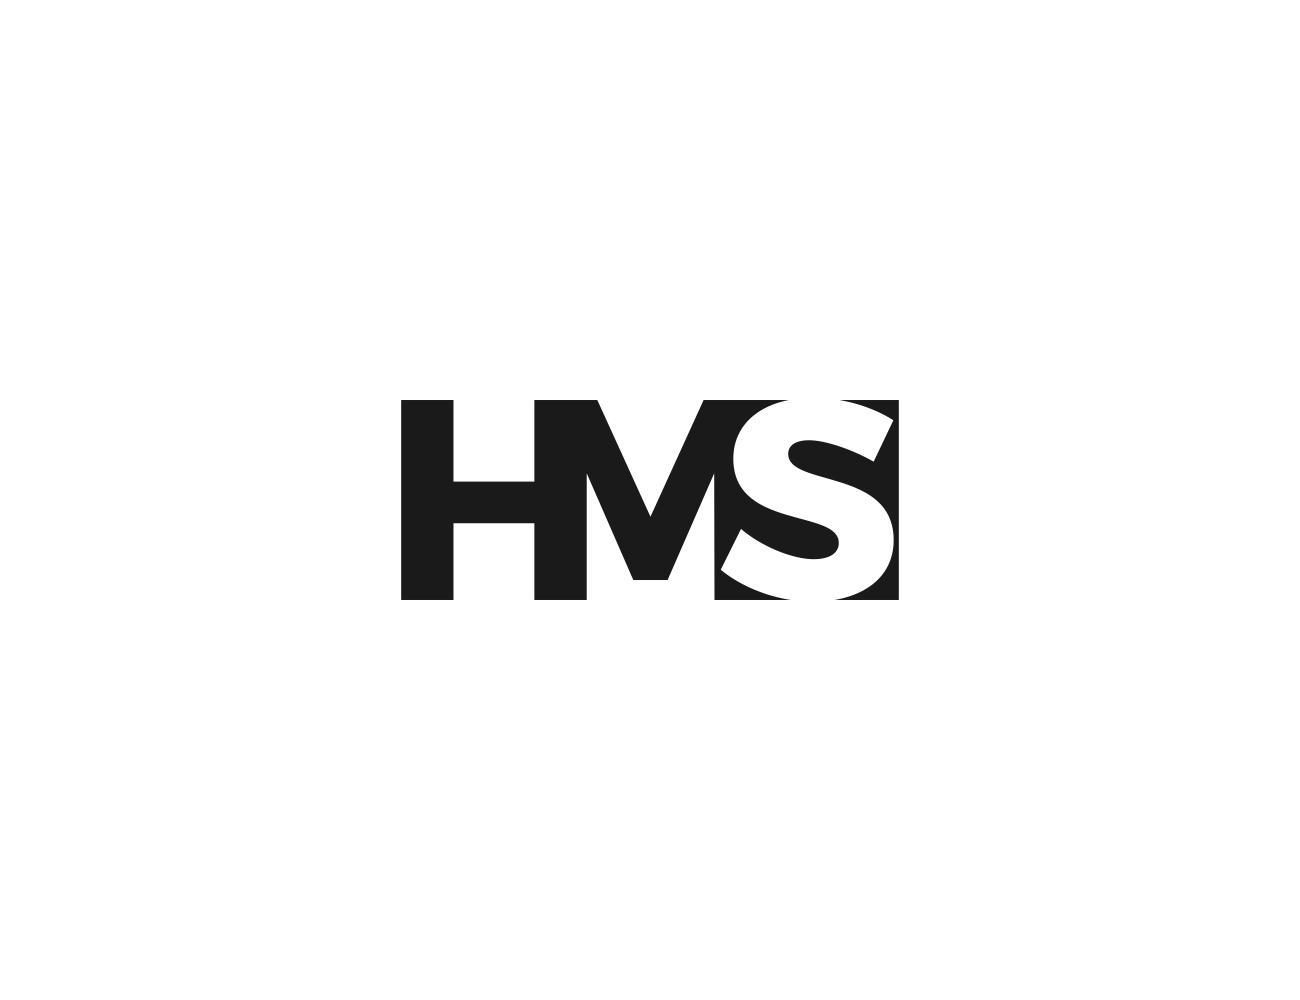 Logo Design for HMS or HMS.